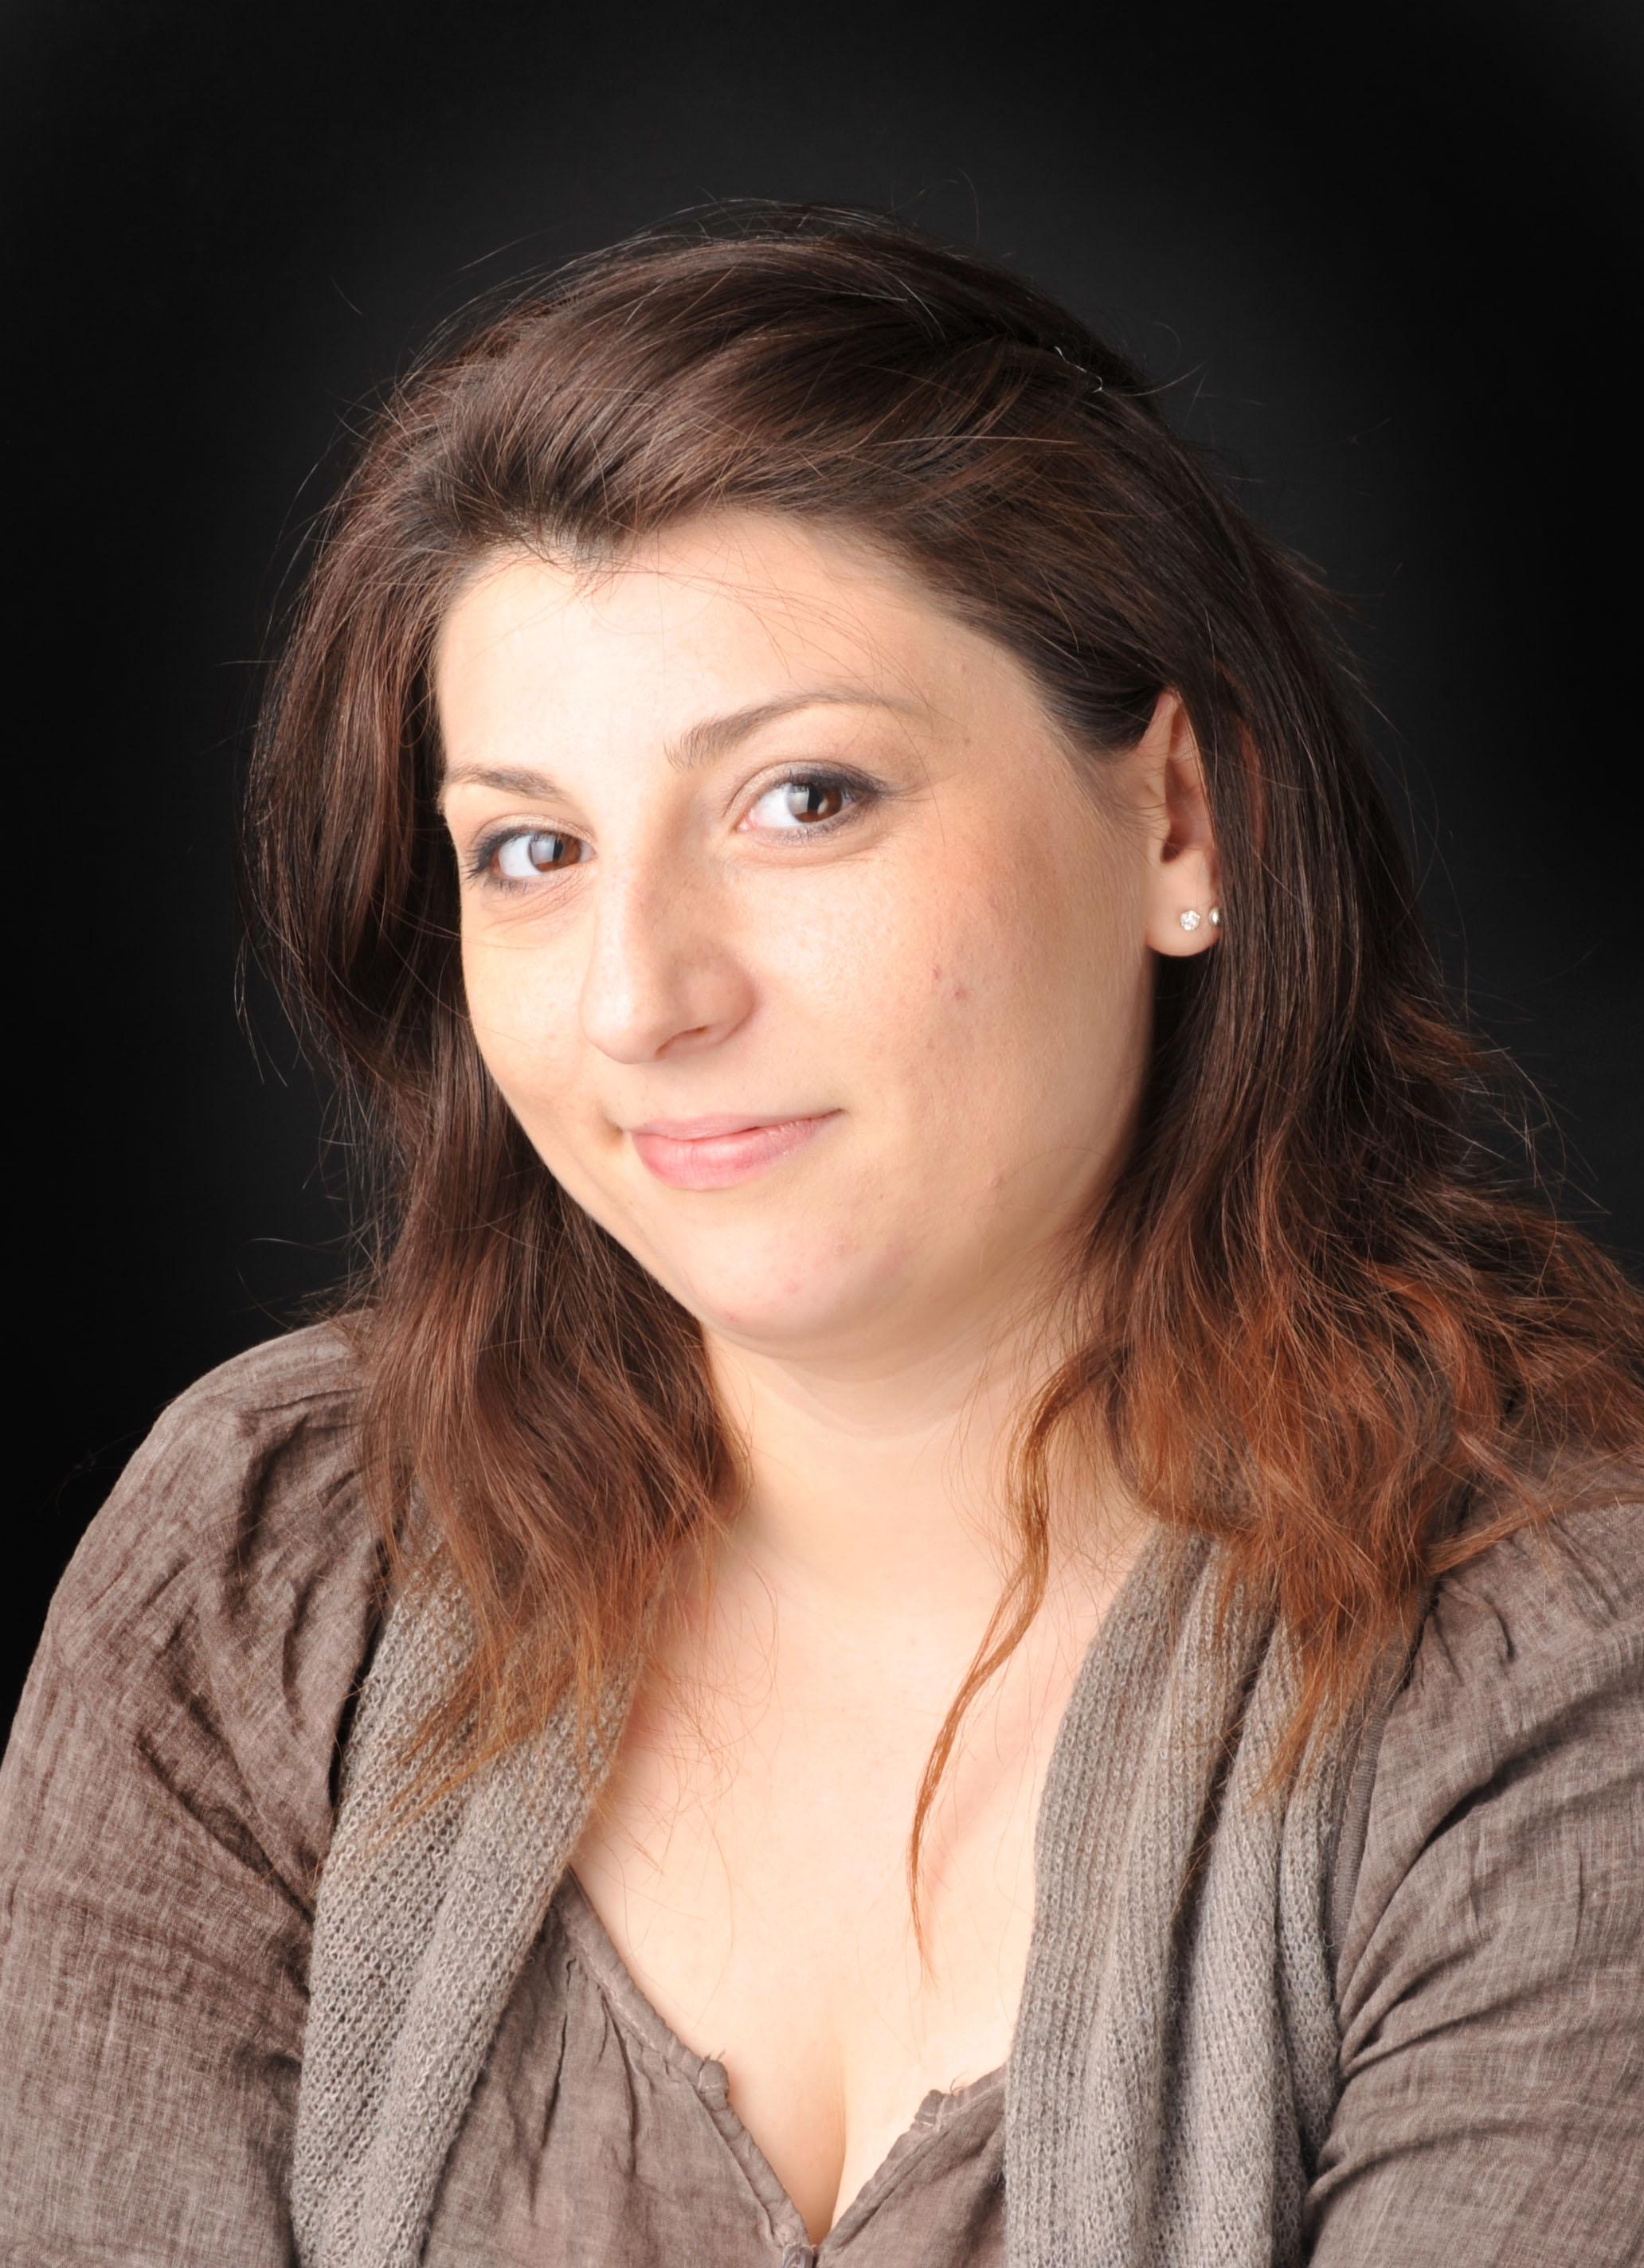 Nathalie Camail